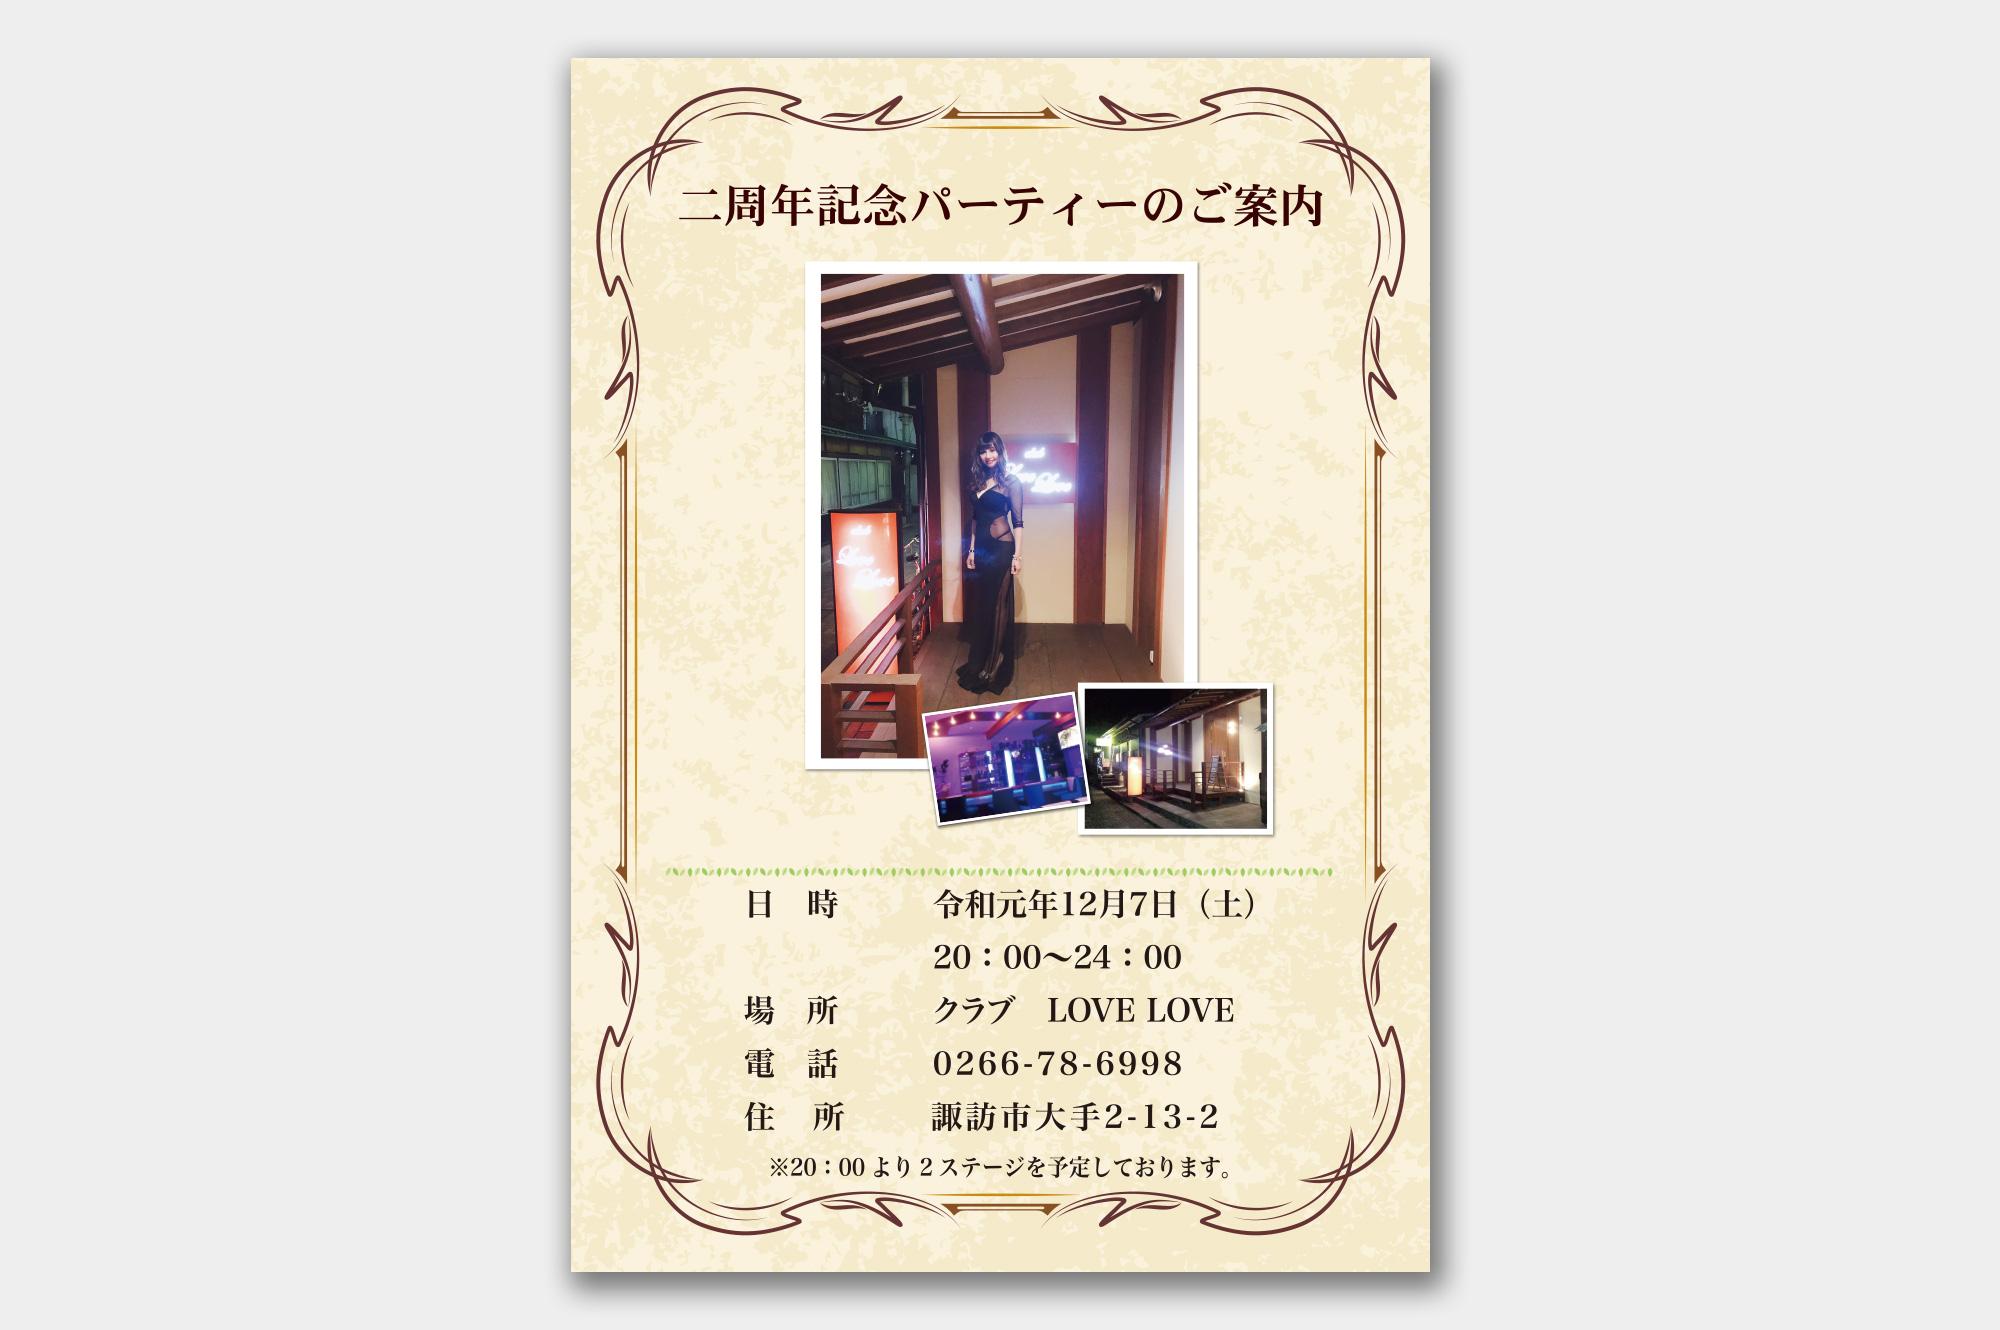 ポスター(二周年記念案内)